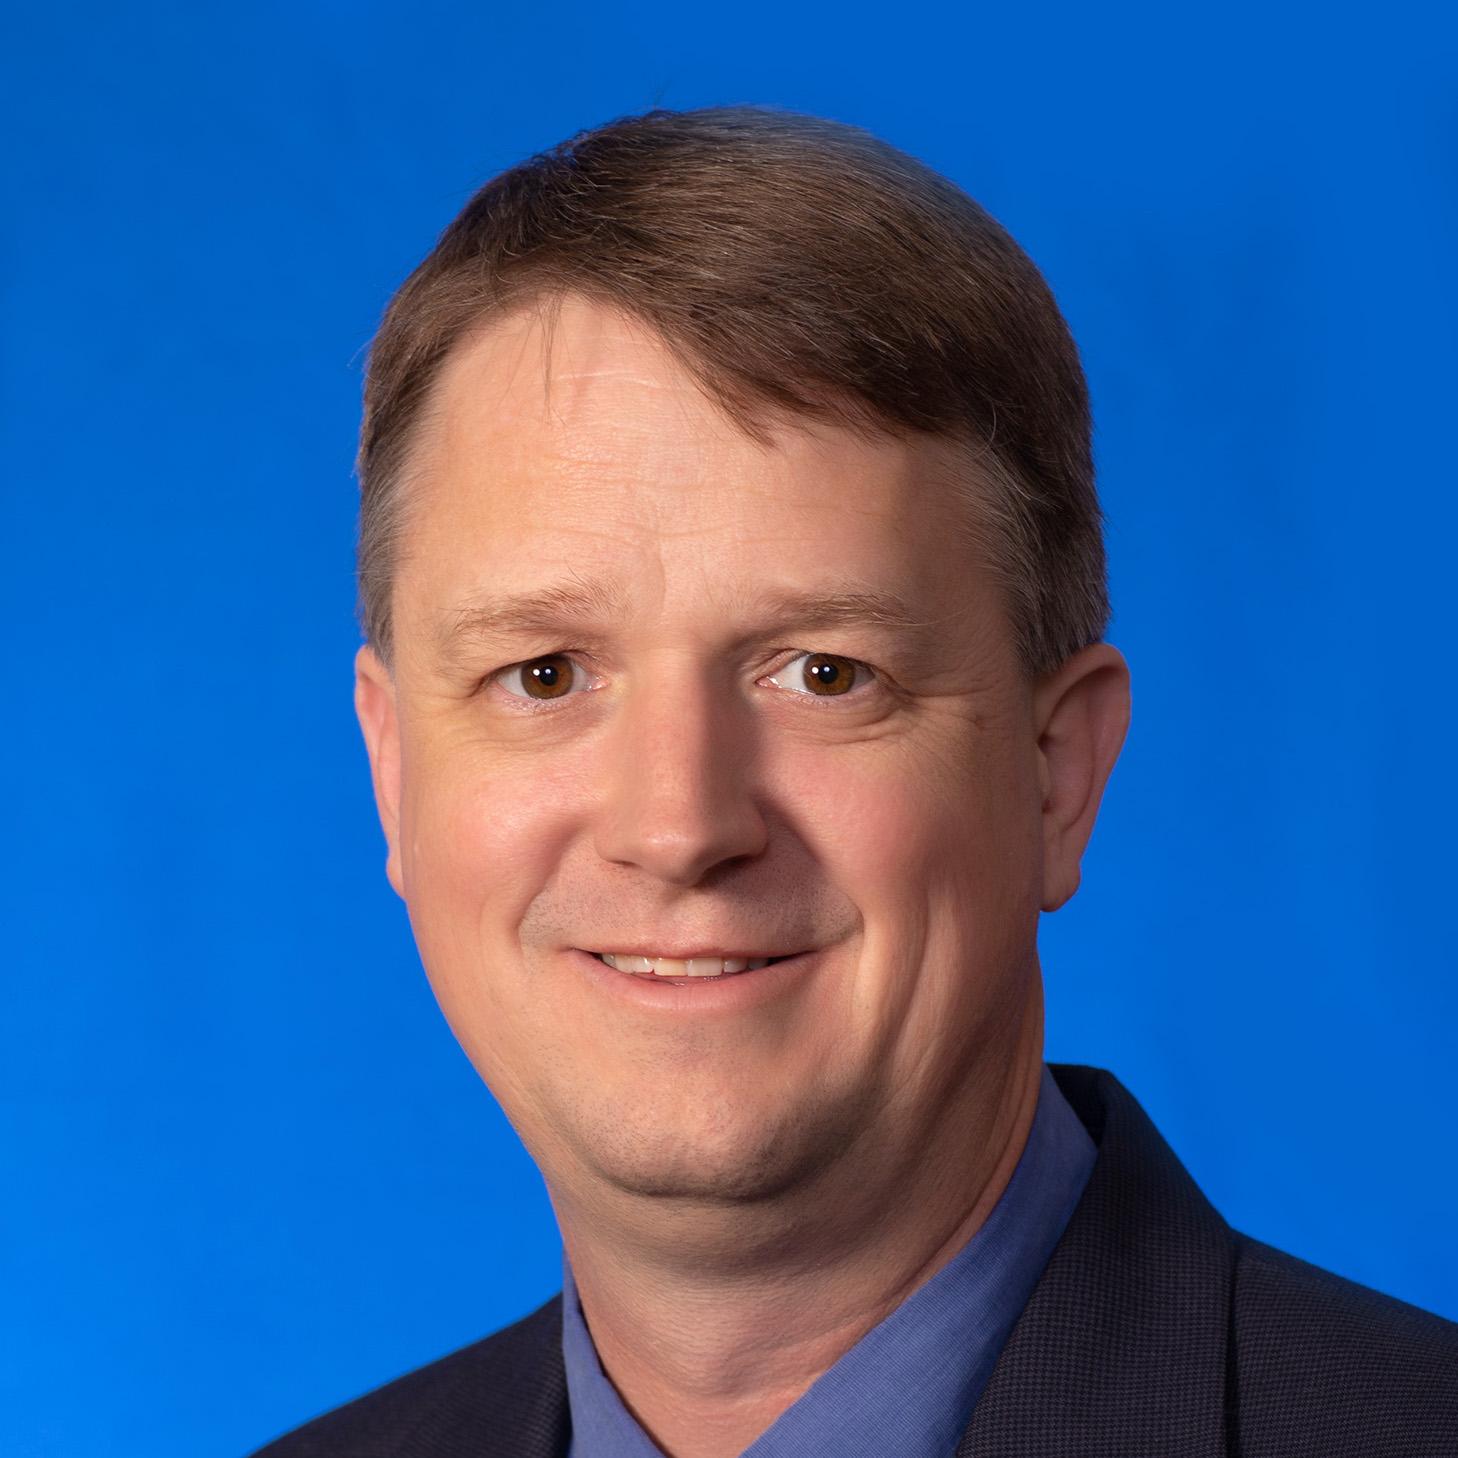 Michael Gaines